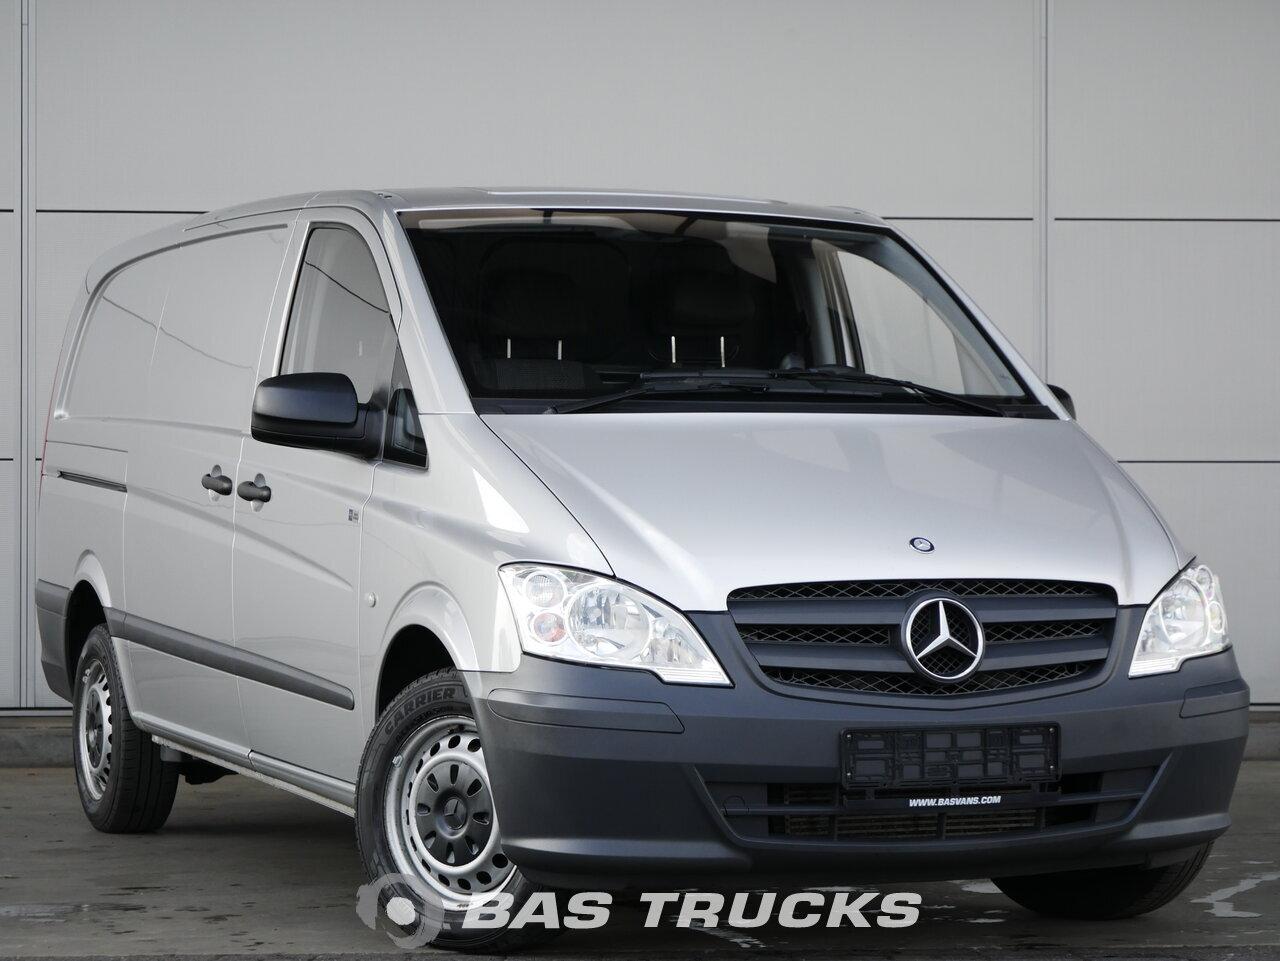 foto di Usato Veicolo commerciale leggero Mercedes Vito 2014